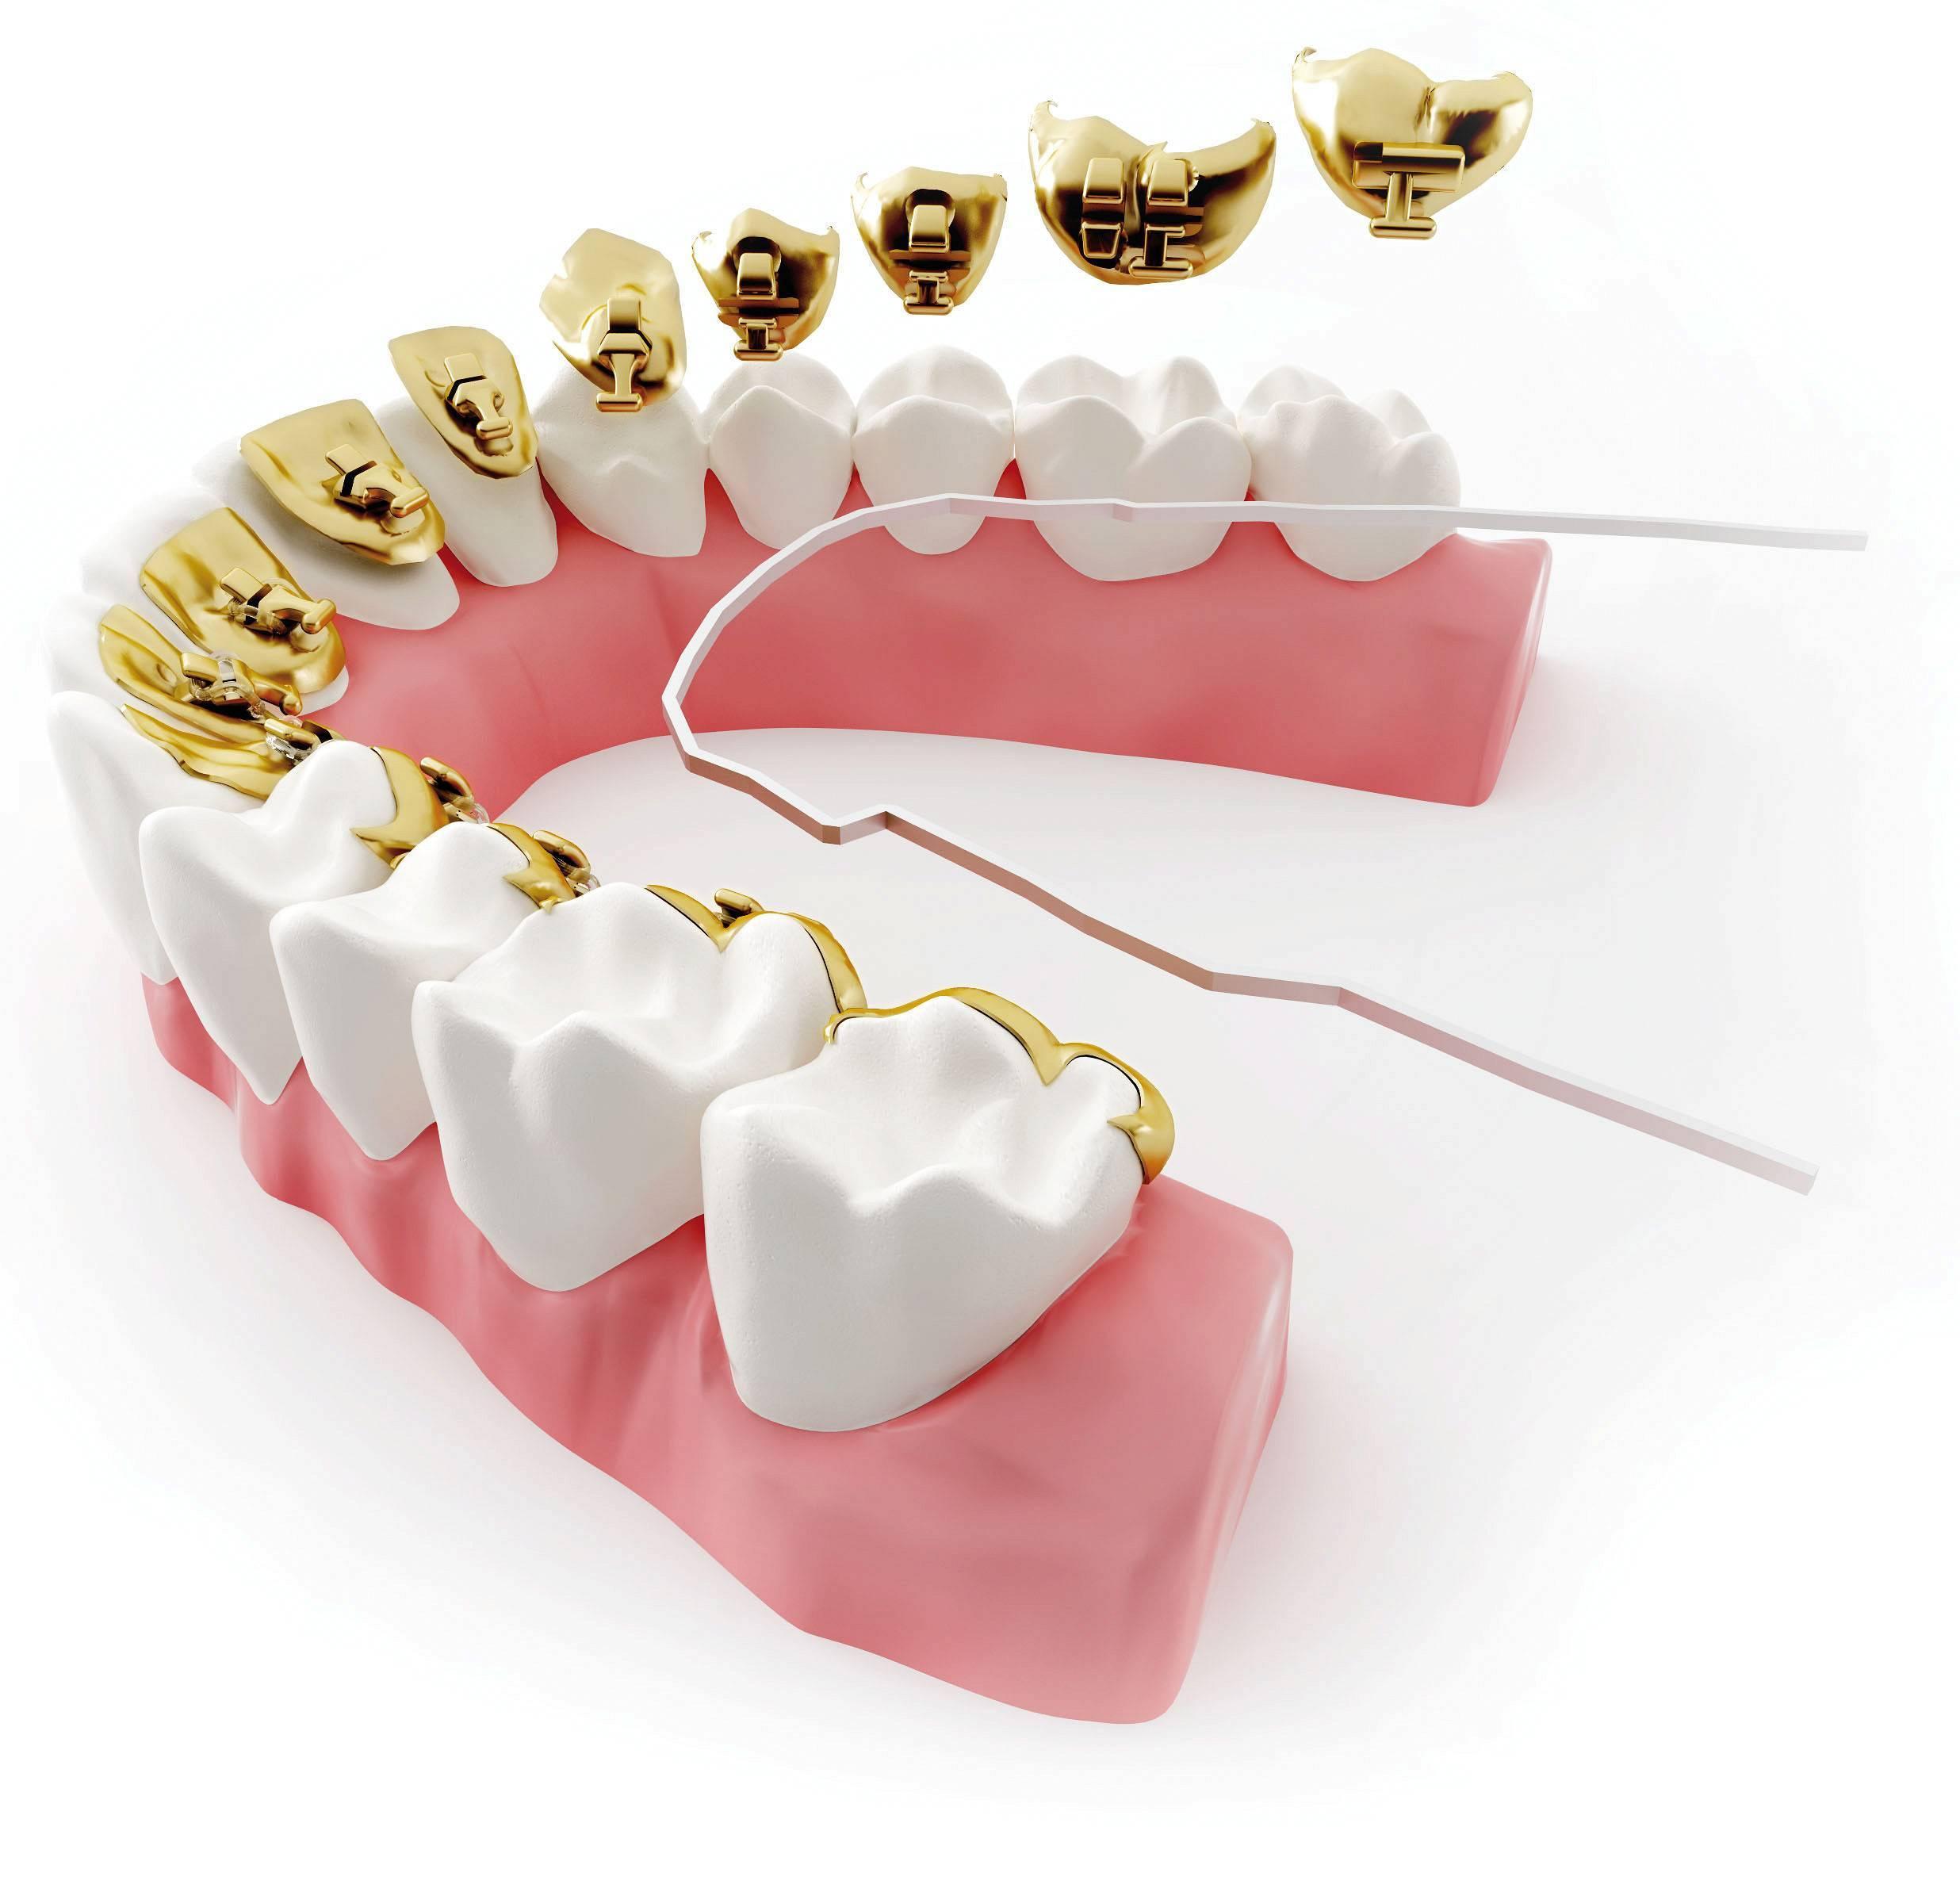 Ретенционные аппараты в ортодонтическом лечении